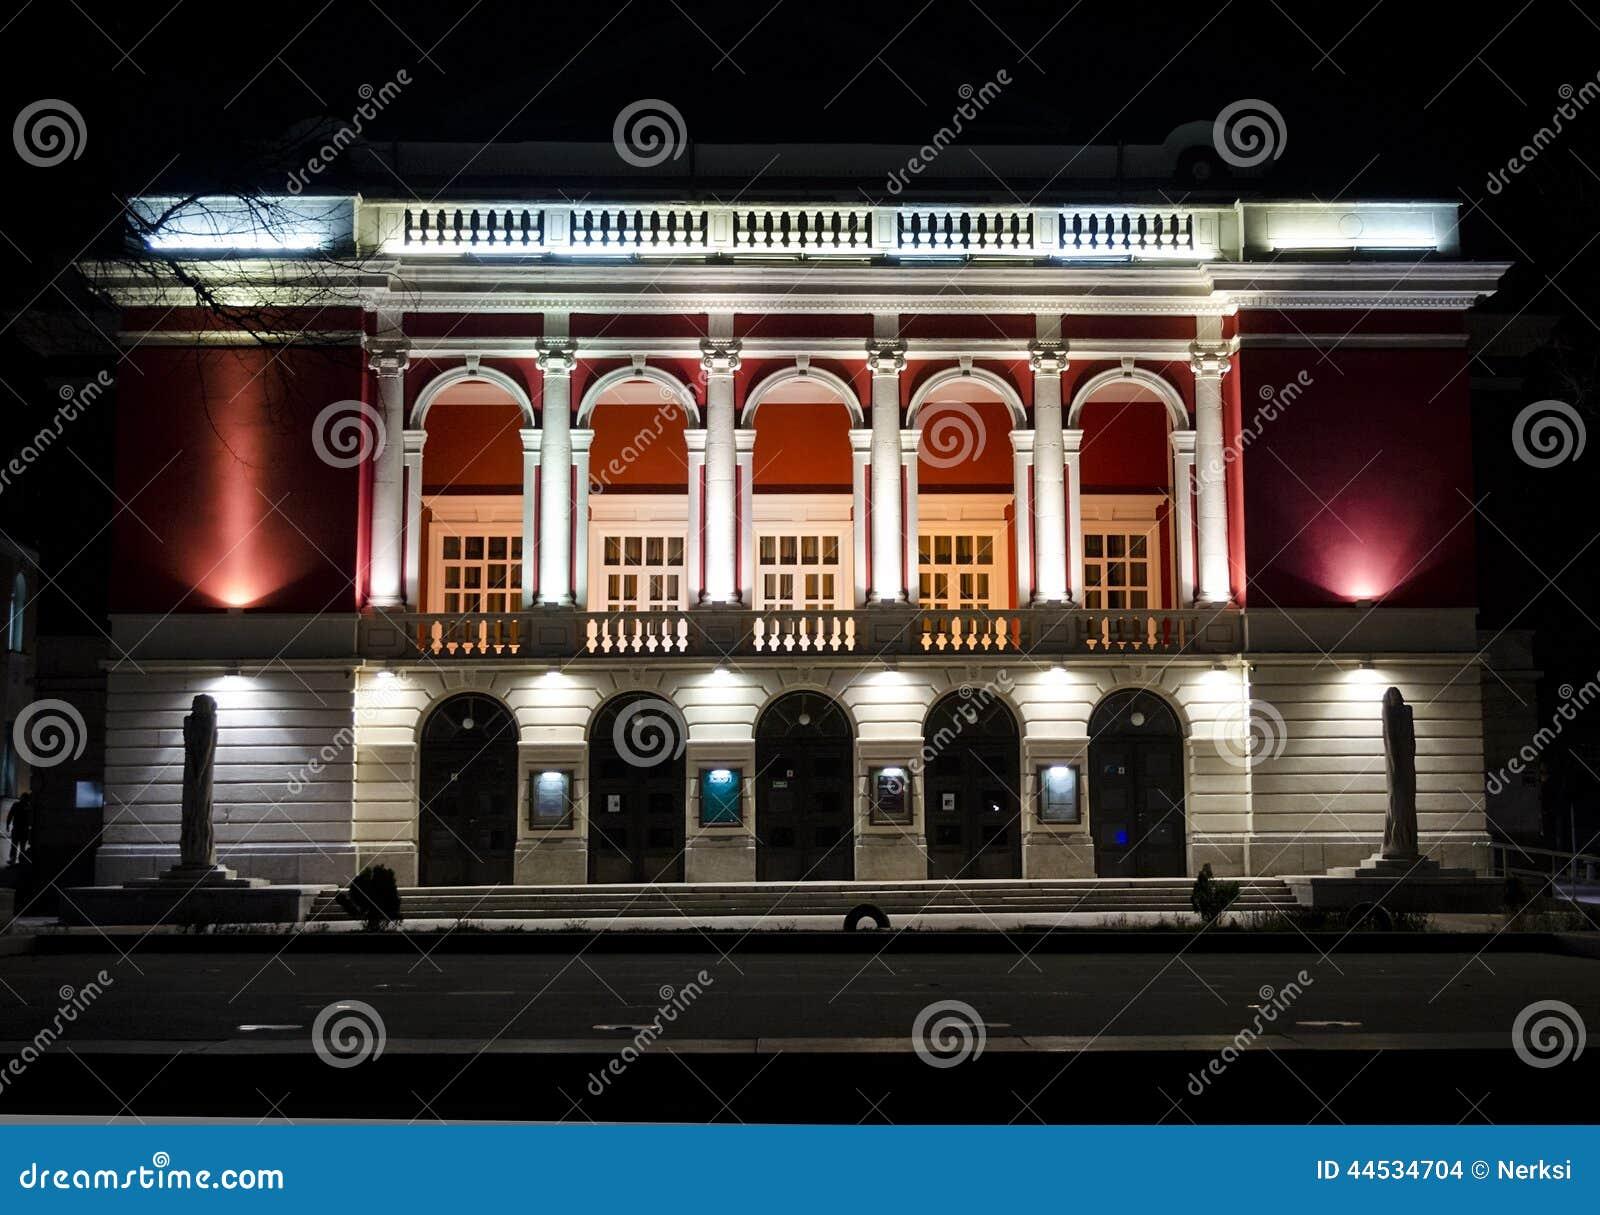 Buildings exteriors in Bulgaria